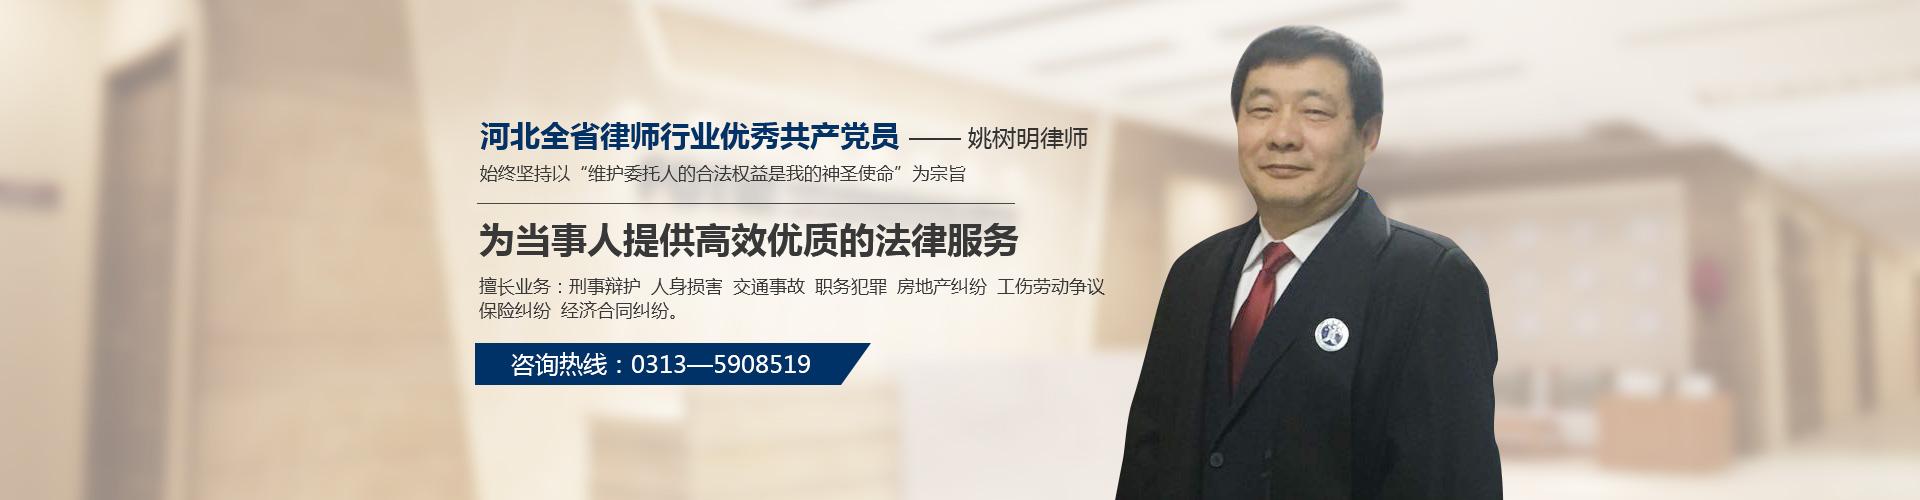 河北姚树明律师